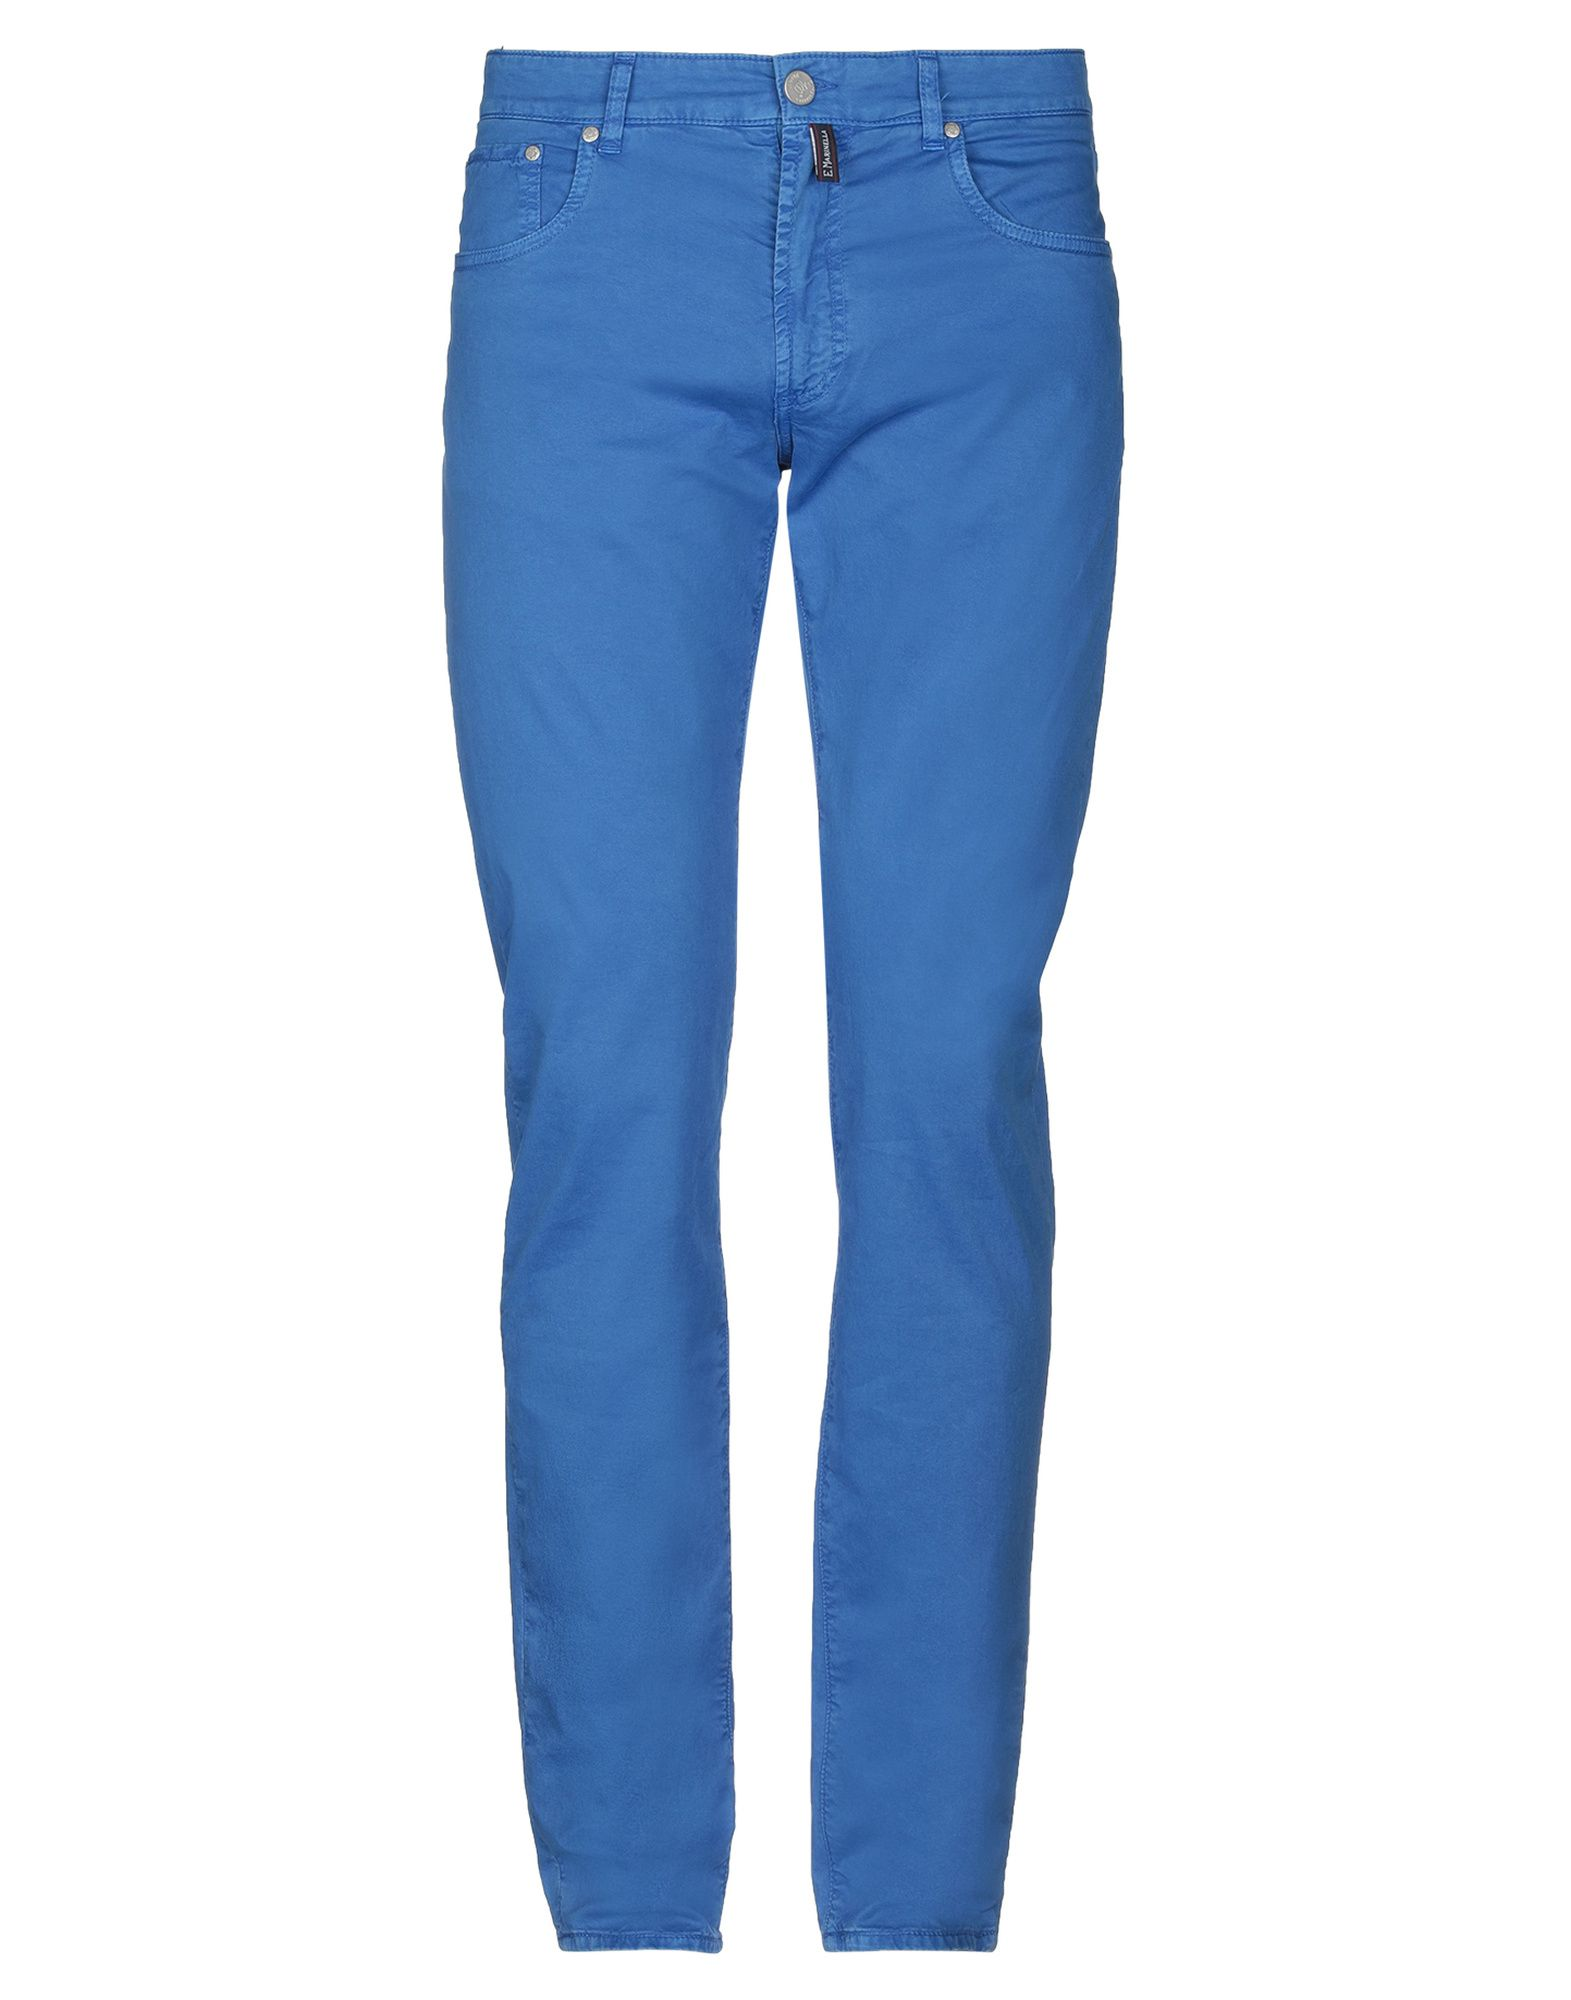 《セール開催中》E.MARINELLA メンズ パンツ ブルー 31 コットン 98% / ポリウレタン 2%